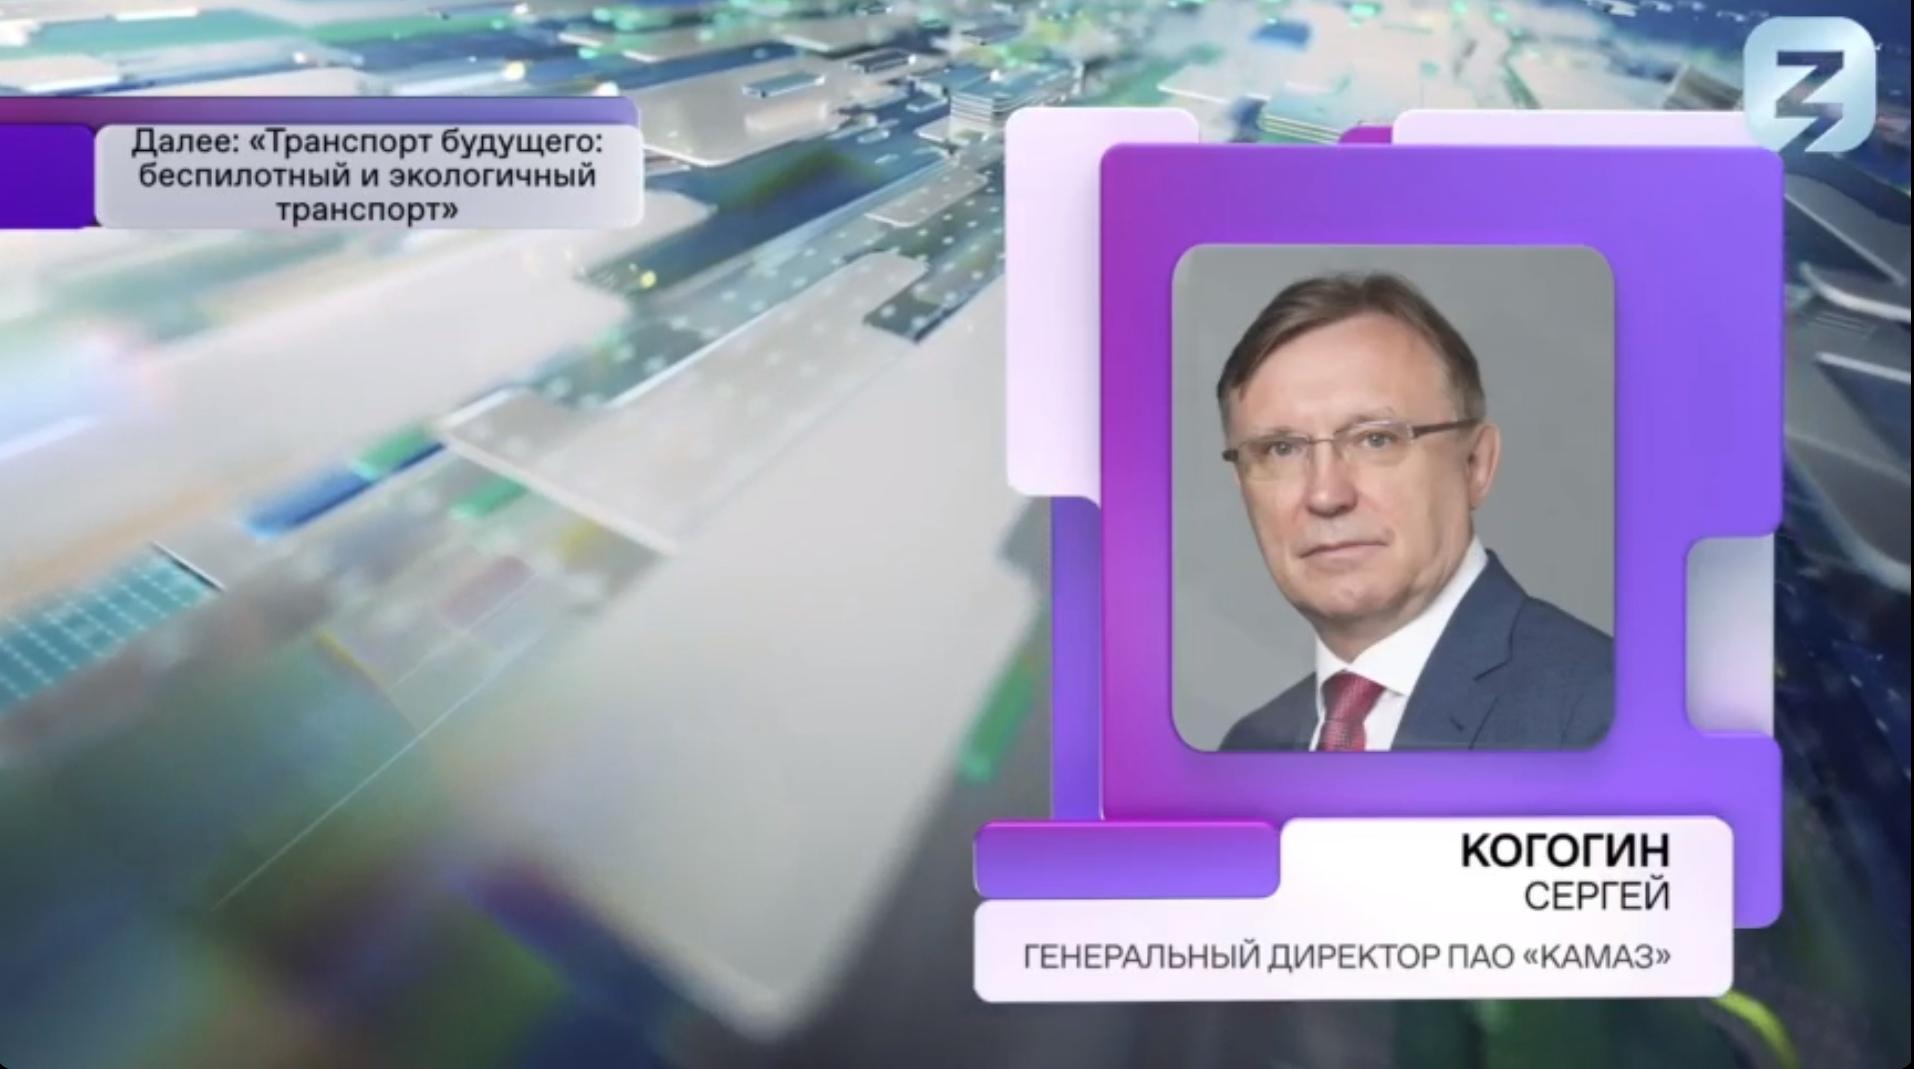 Сергей Когогин выступил с лекцией «Транспорт будущего: беспилотный и экологичный транспорт»